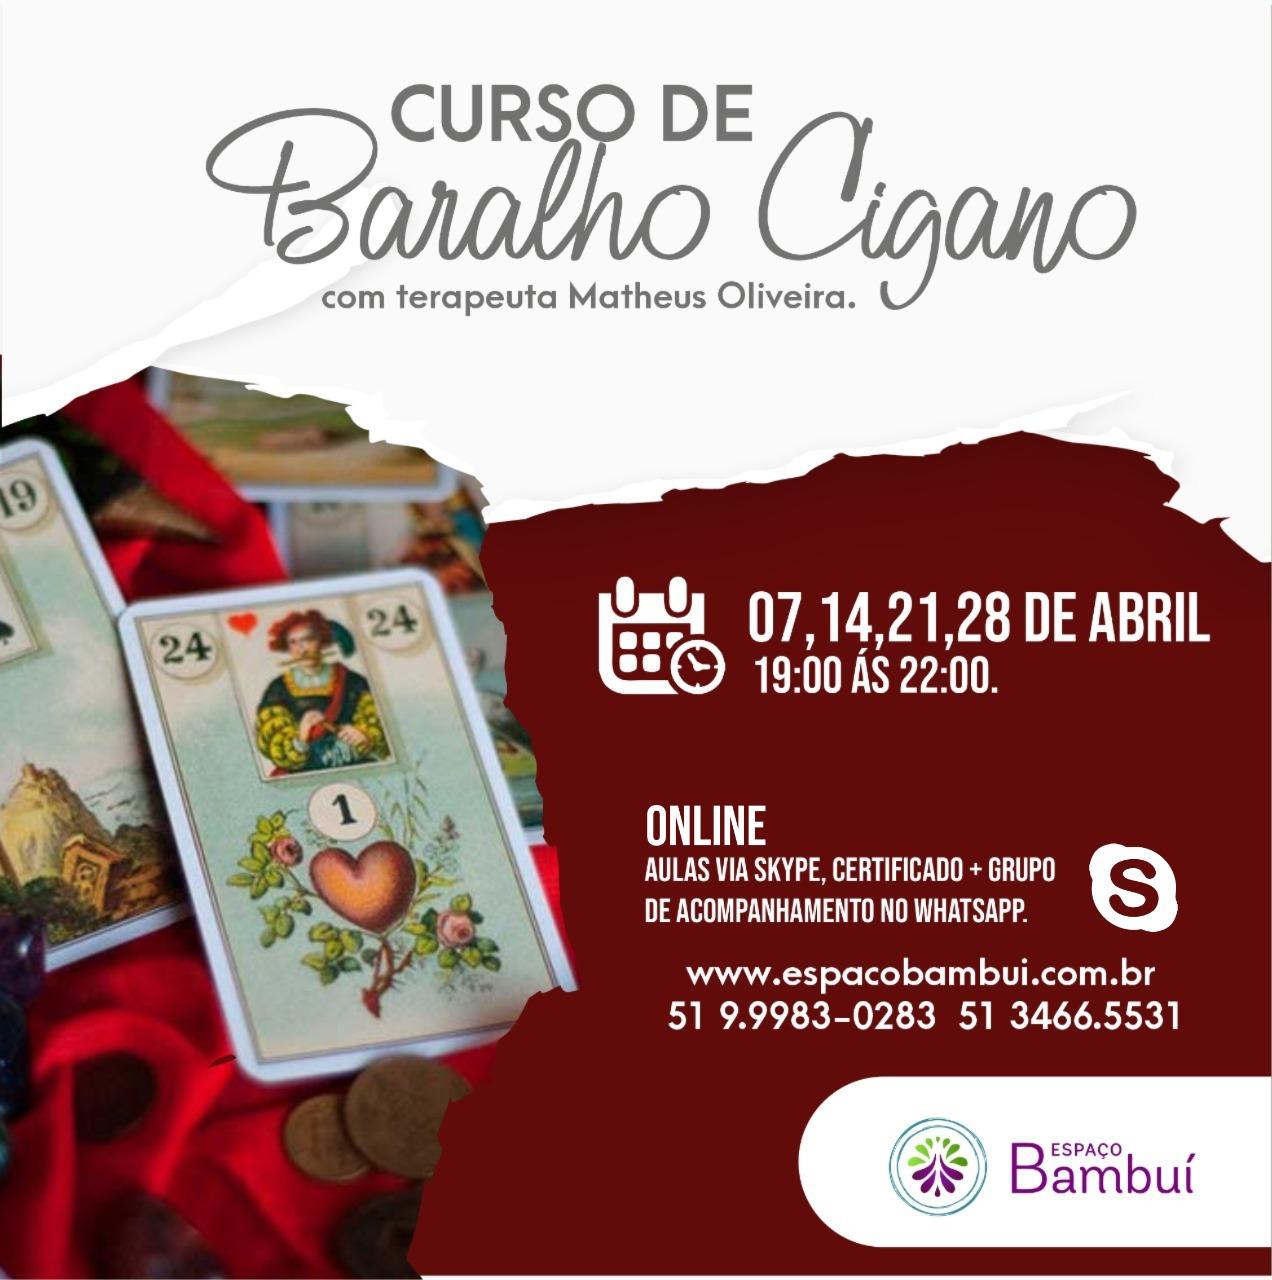 Curso de Baralho Cigano Online com terapeuta Matheus Oliveira